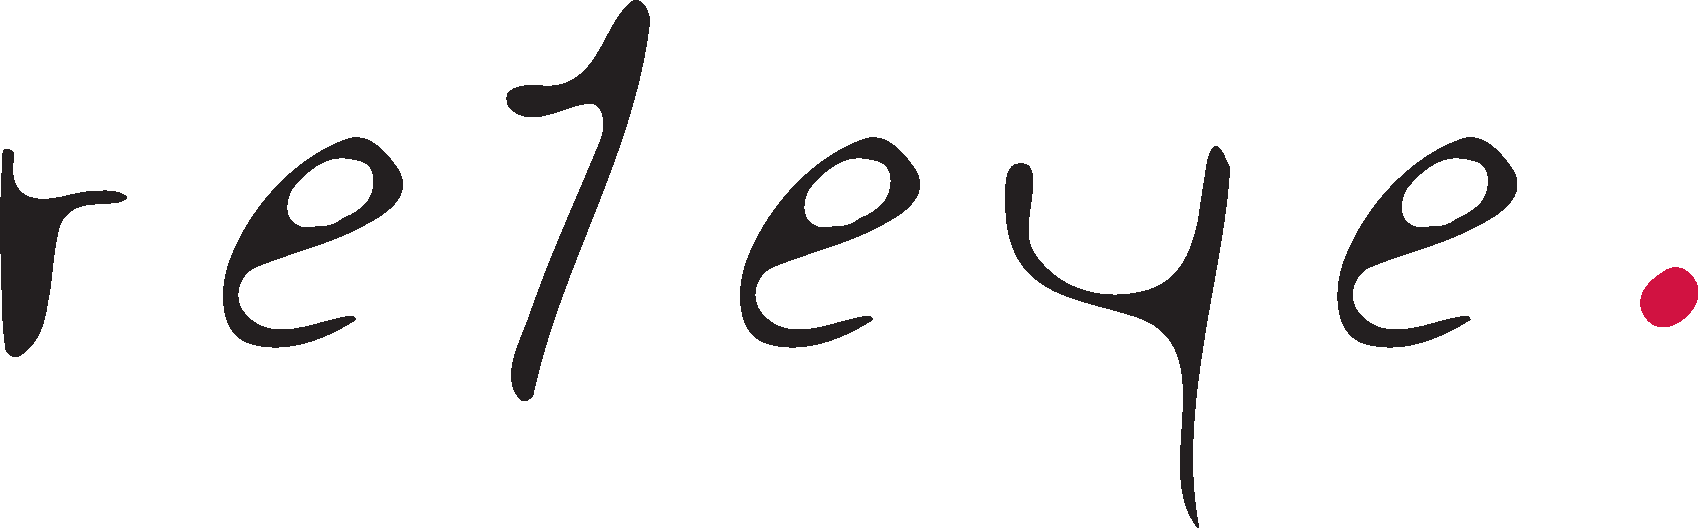 277 releye logo f%c3%a4rg